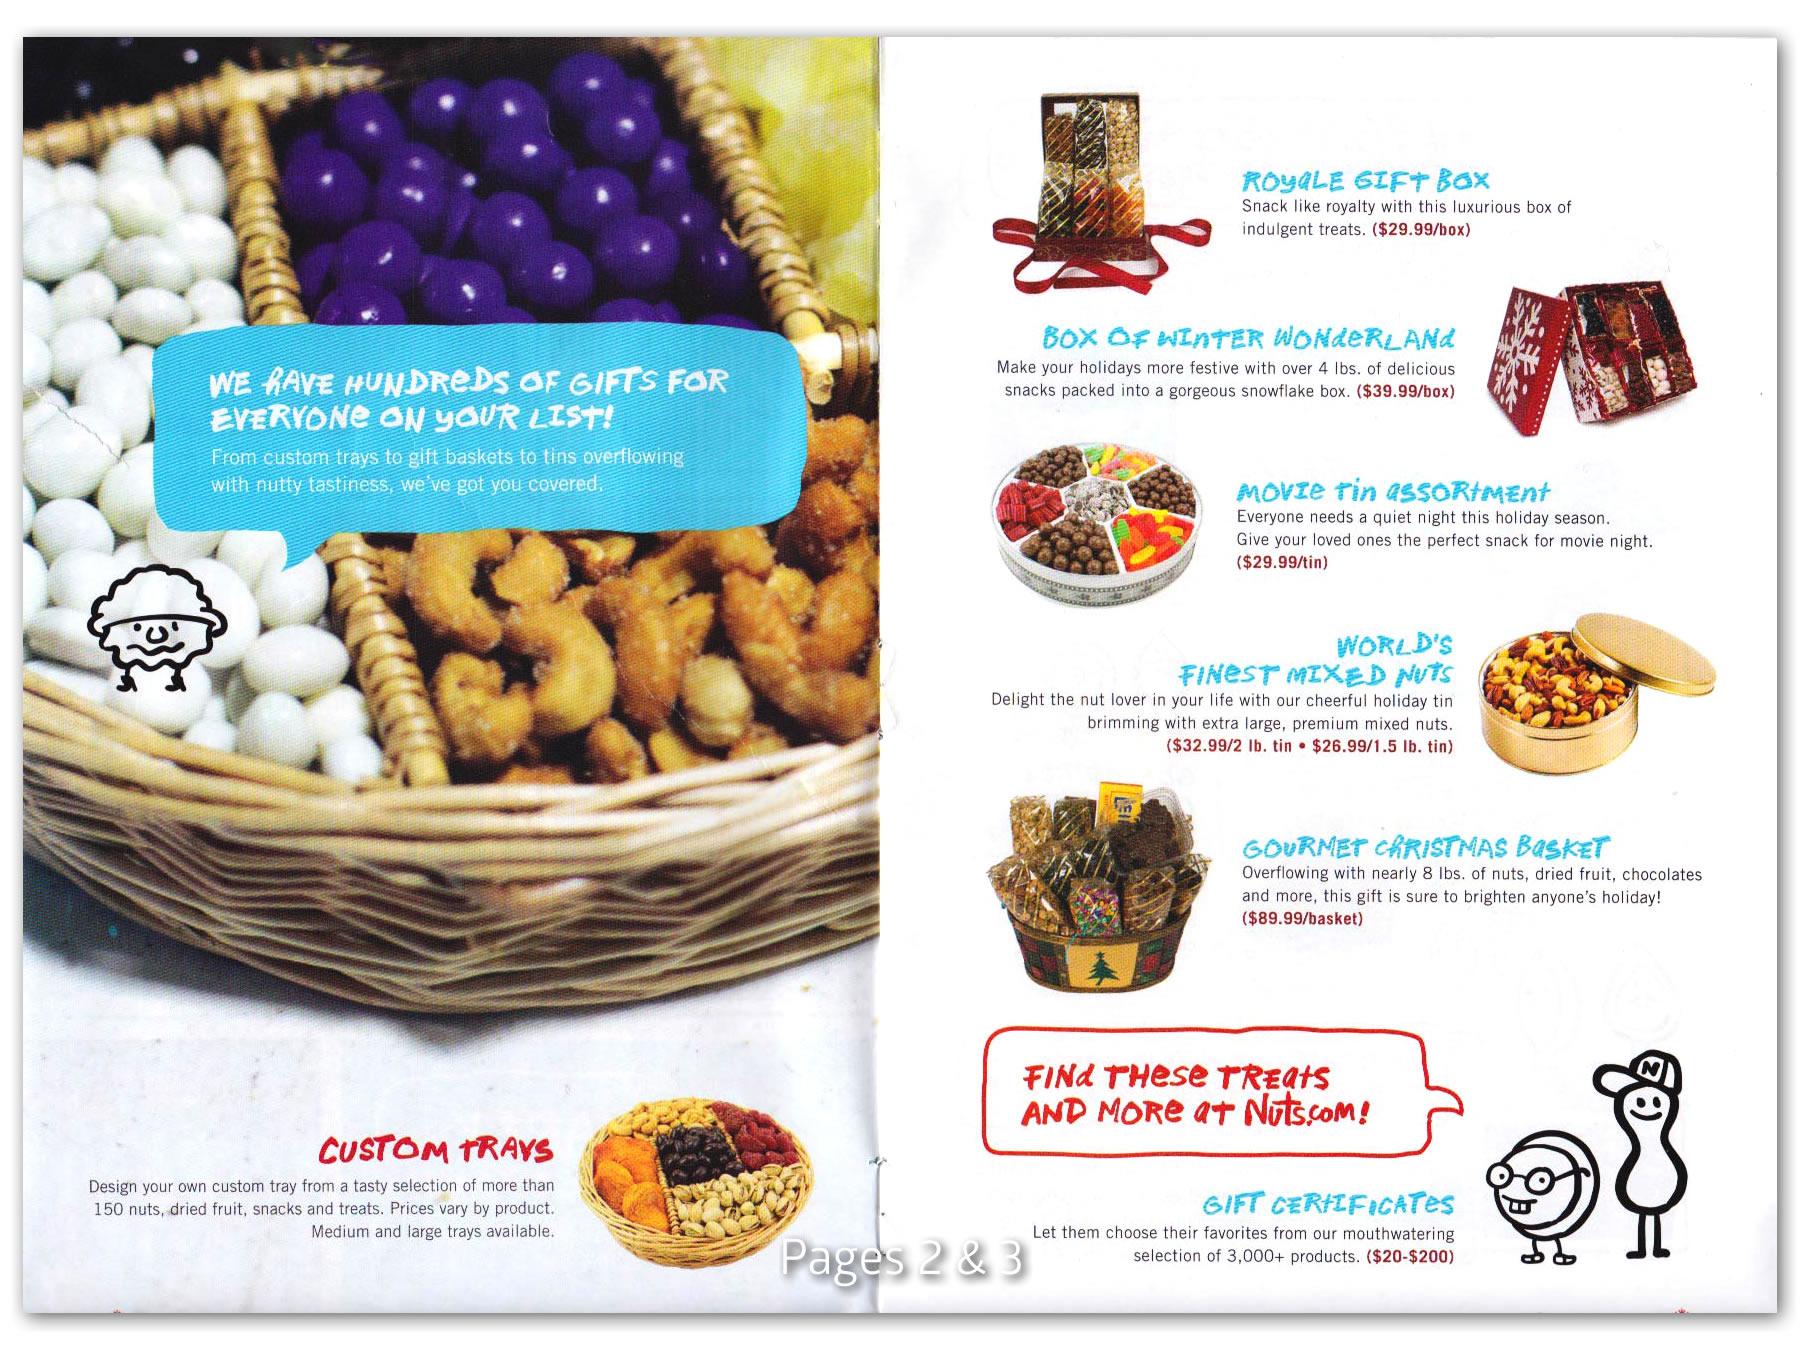 141124-Nuts.com-Pg-02-03.jpg